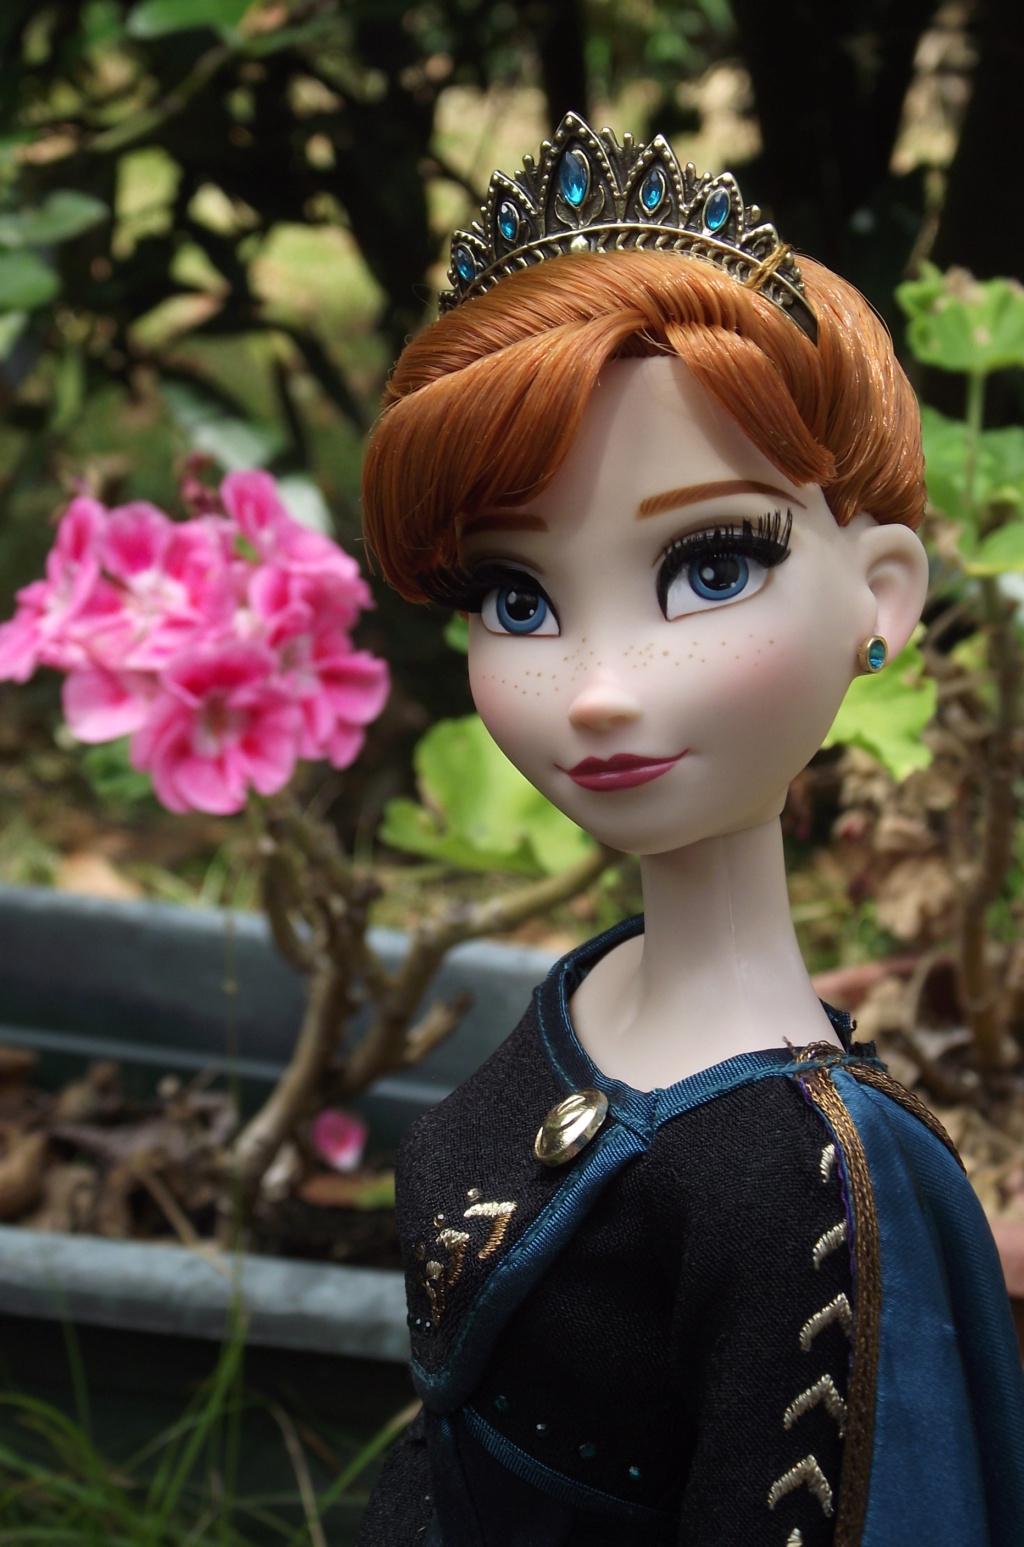 Nos poupées LE en photo : Pour le plaisir de partager - Page 27 Dscf3521